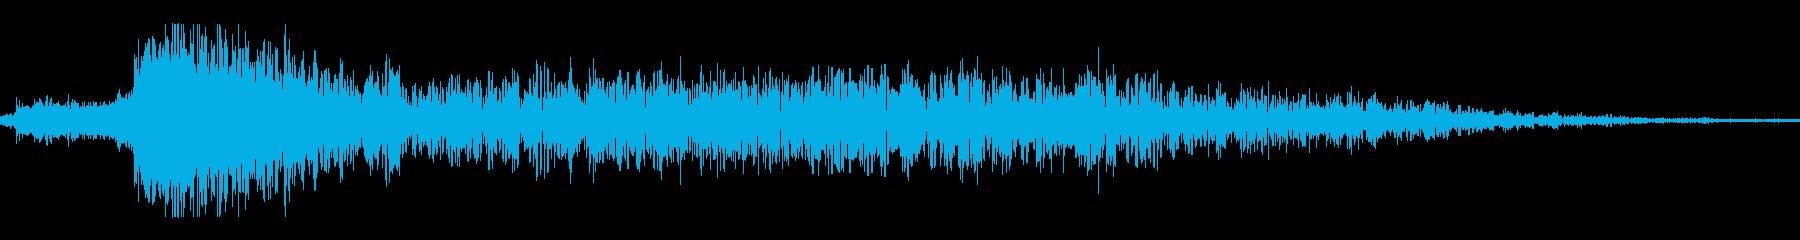 スティンガー-クローズホーンショッ...の再生済みの波形